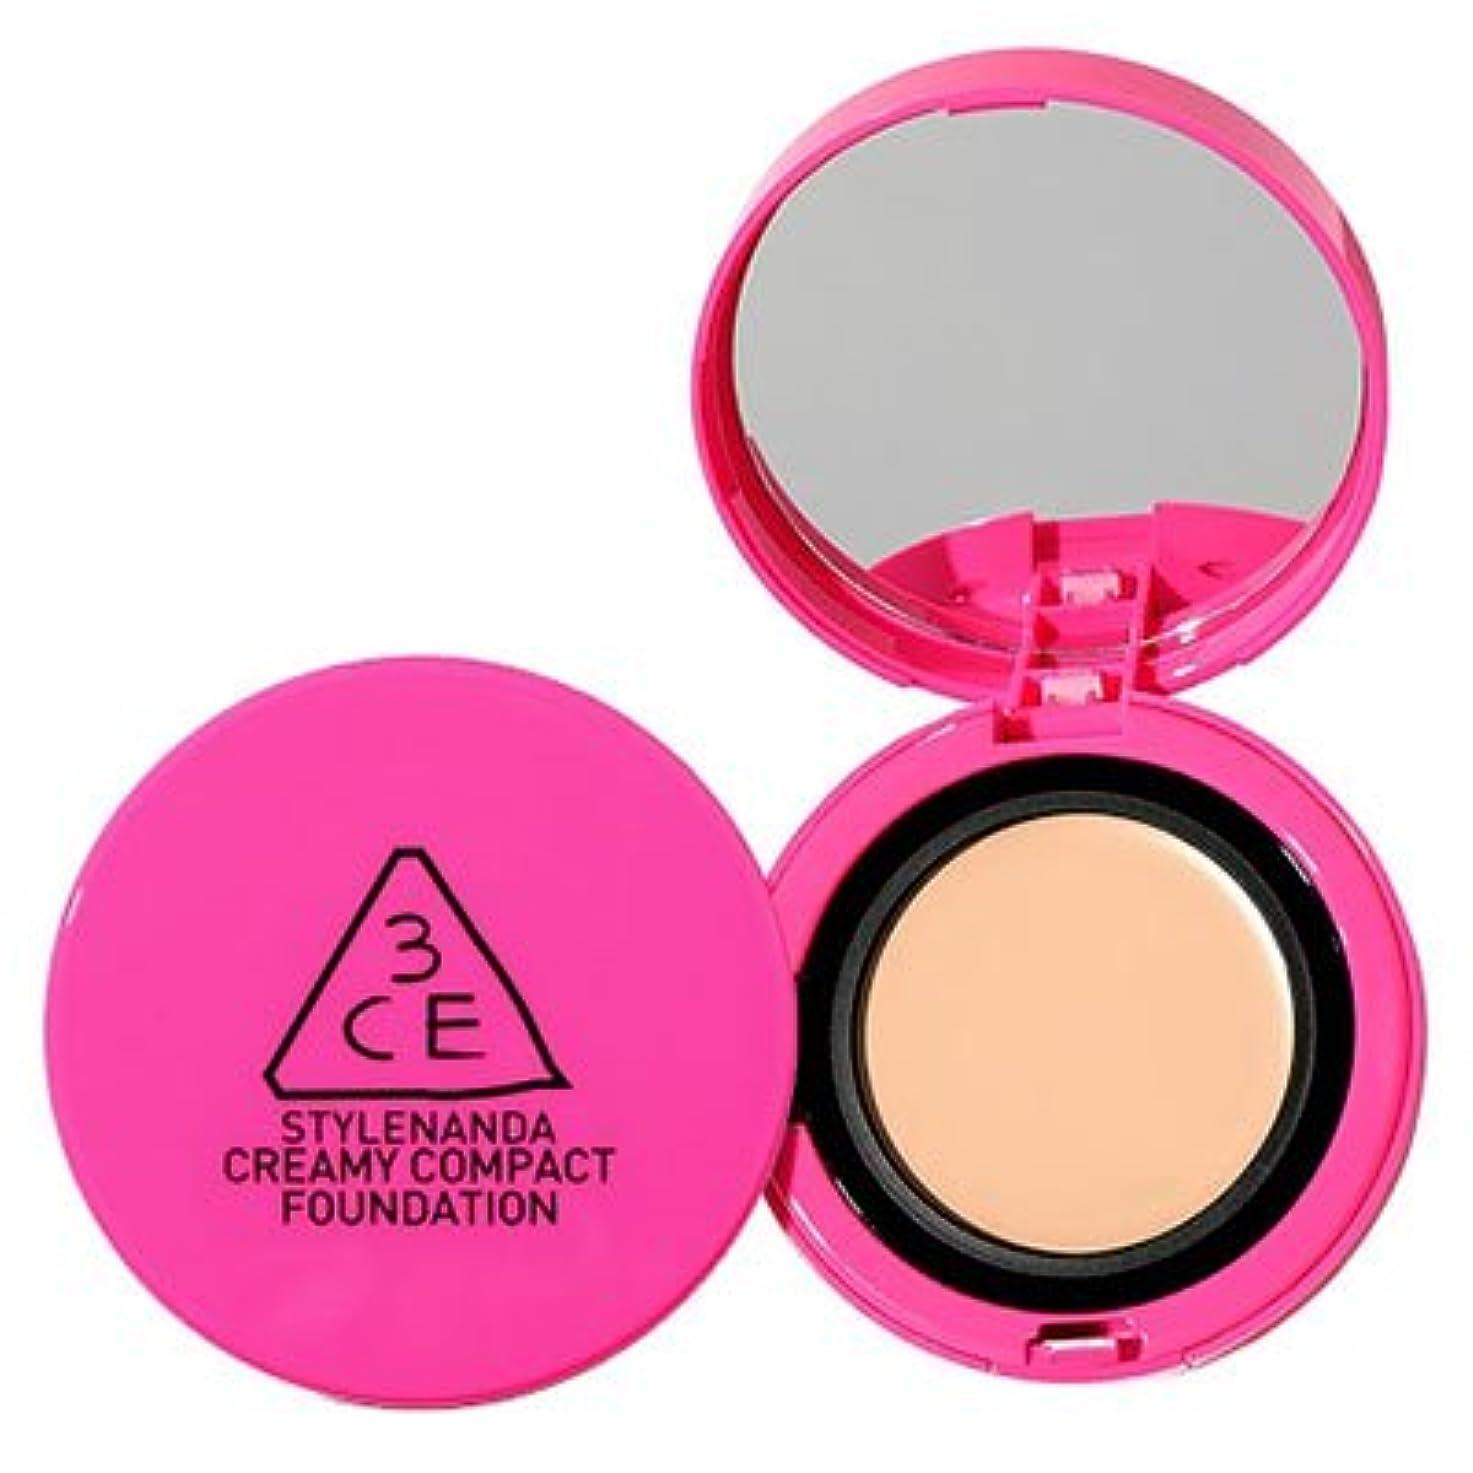 フラスコ無限ネイティブ3 CONCEPT EYES スリー コンセプト アイズ ピンク クリーミー コンパクト ファンデーション #LIGHT BEIGE SPF50+,PA+++ 18g 韓国コスメ [並行輸入品]